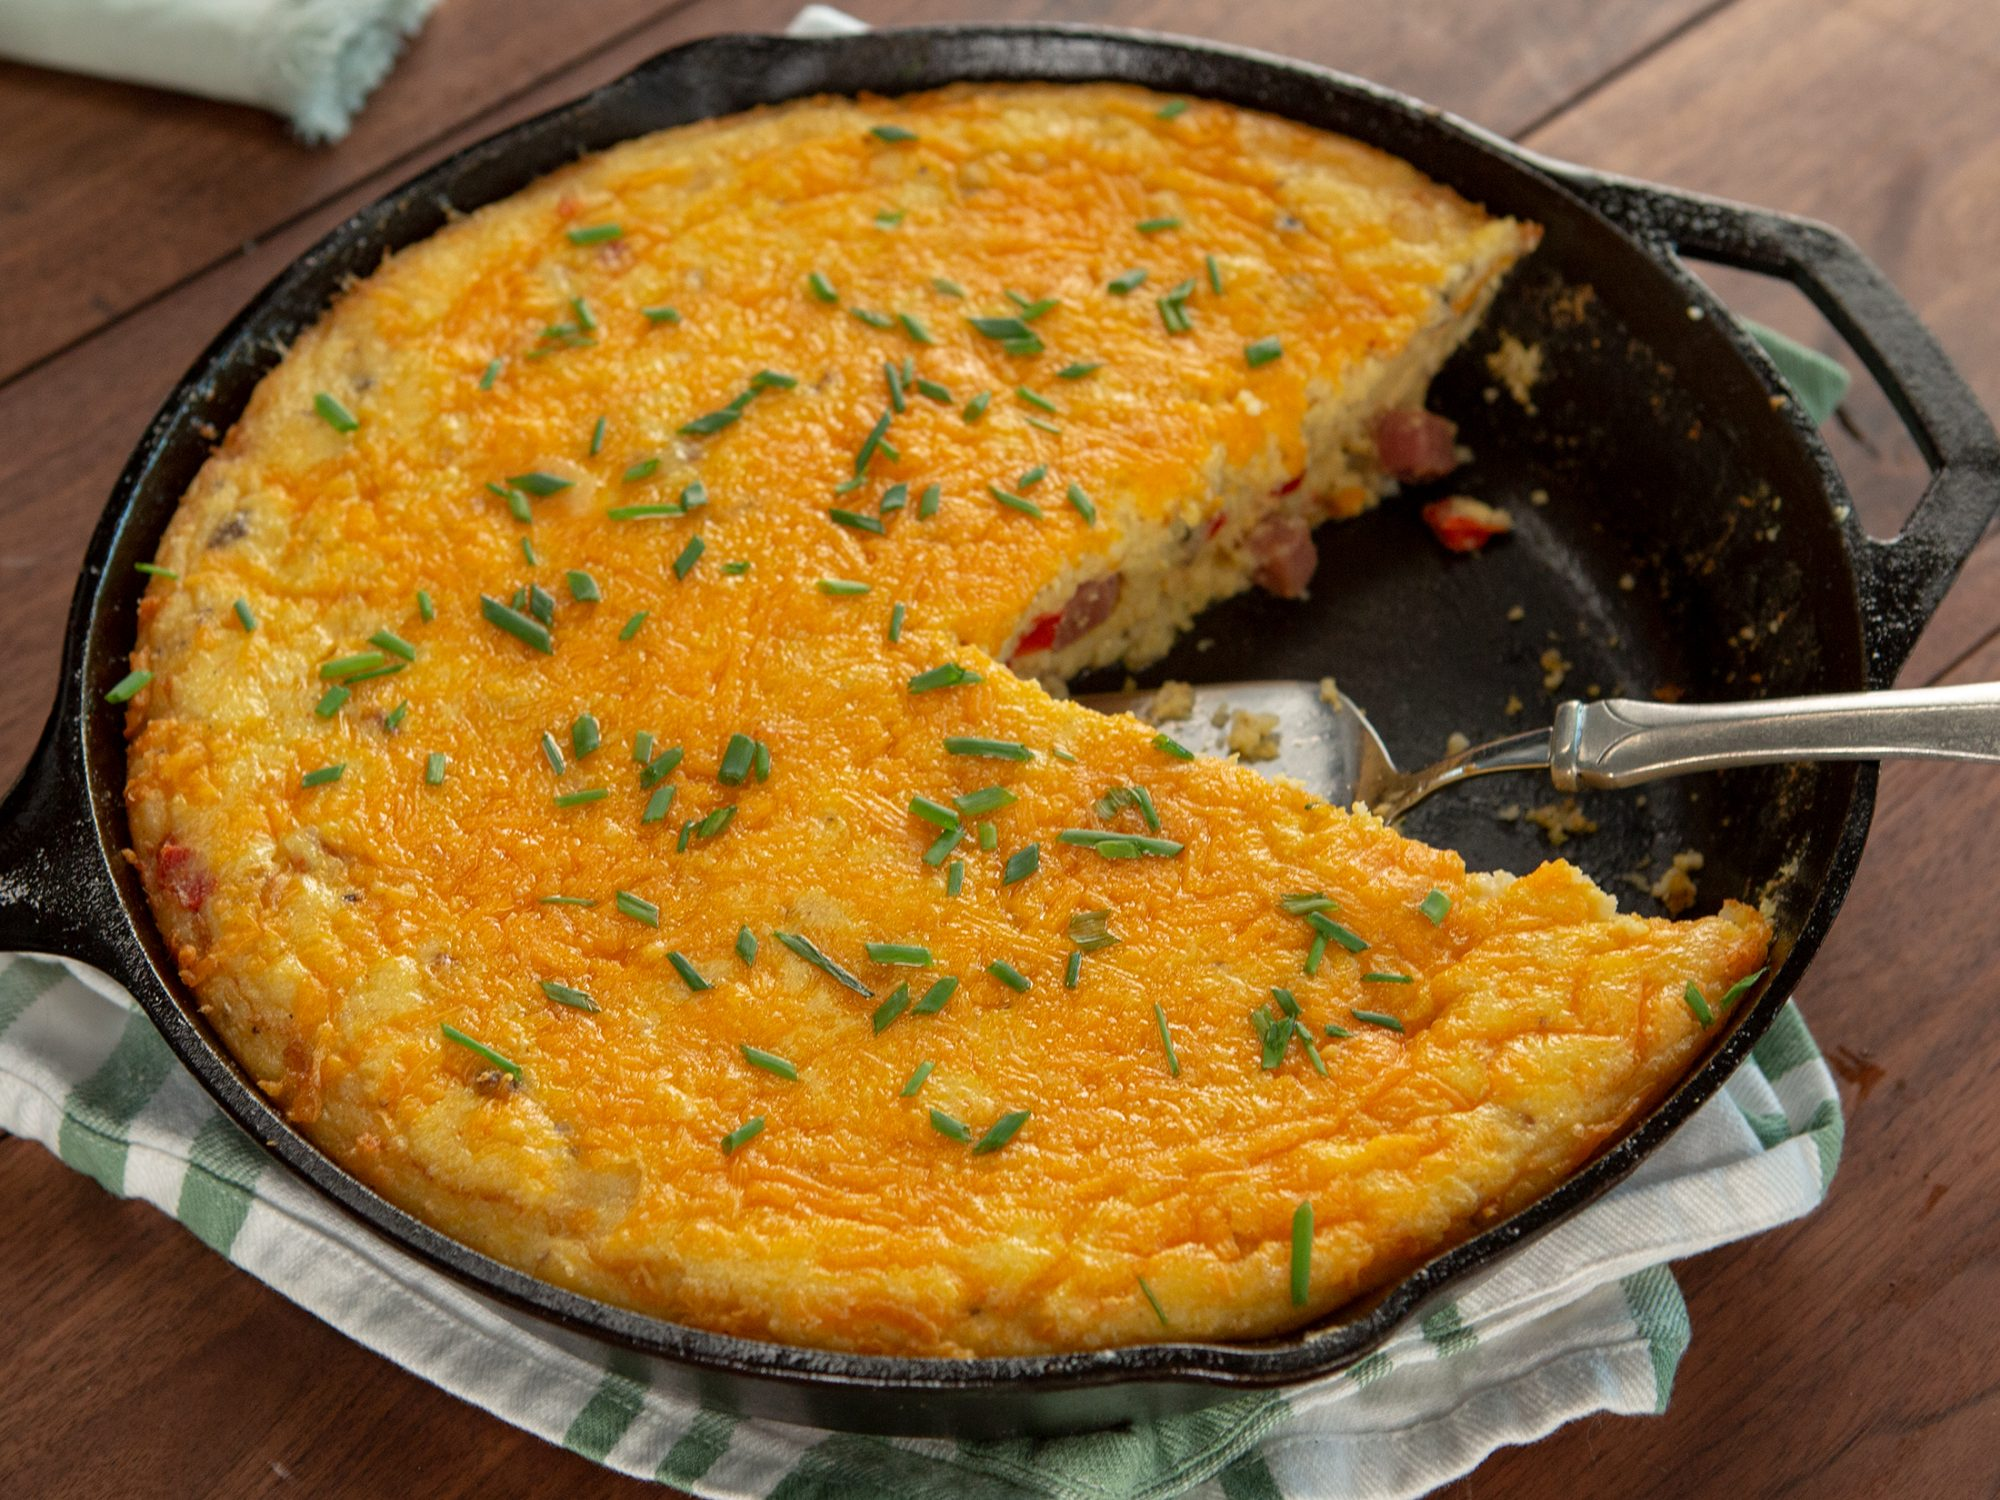 Denver Omelette Breakfast Casserole image